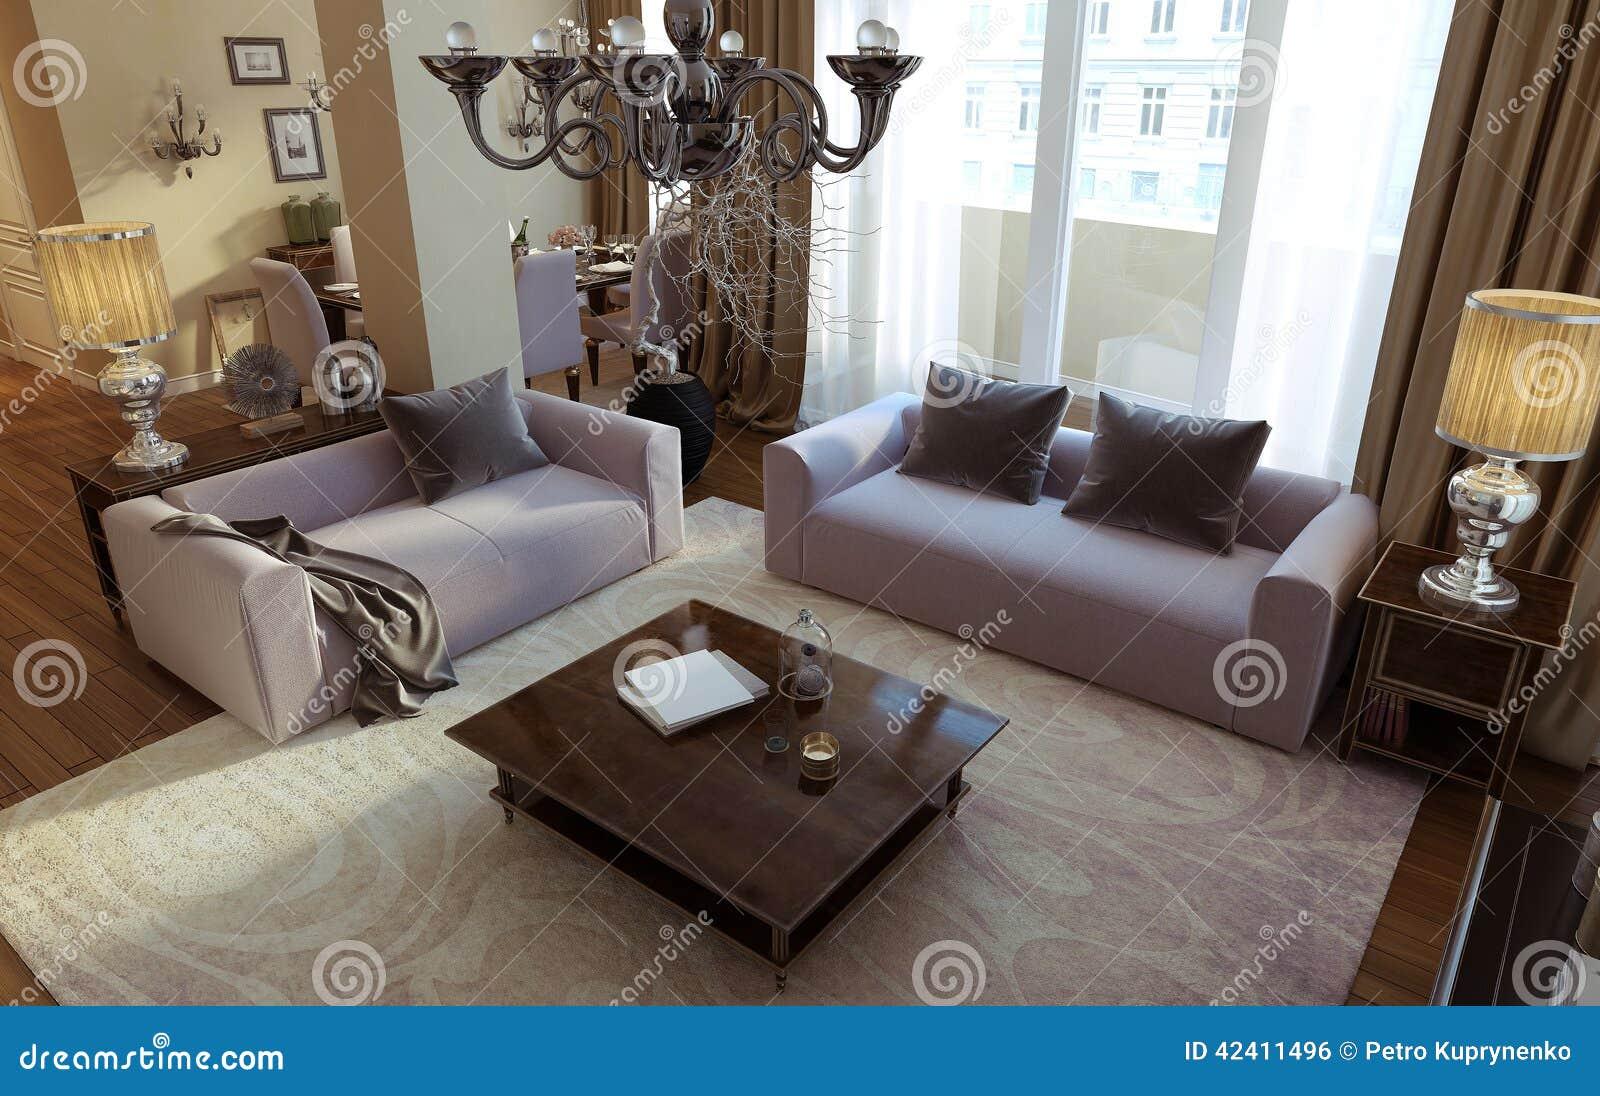 salon de luxe salle à manger style d art déco 42411496 17 Impressionnant Table A Manger Salon Hdj5